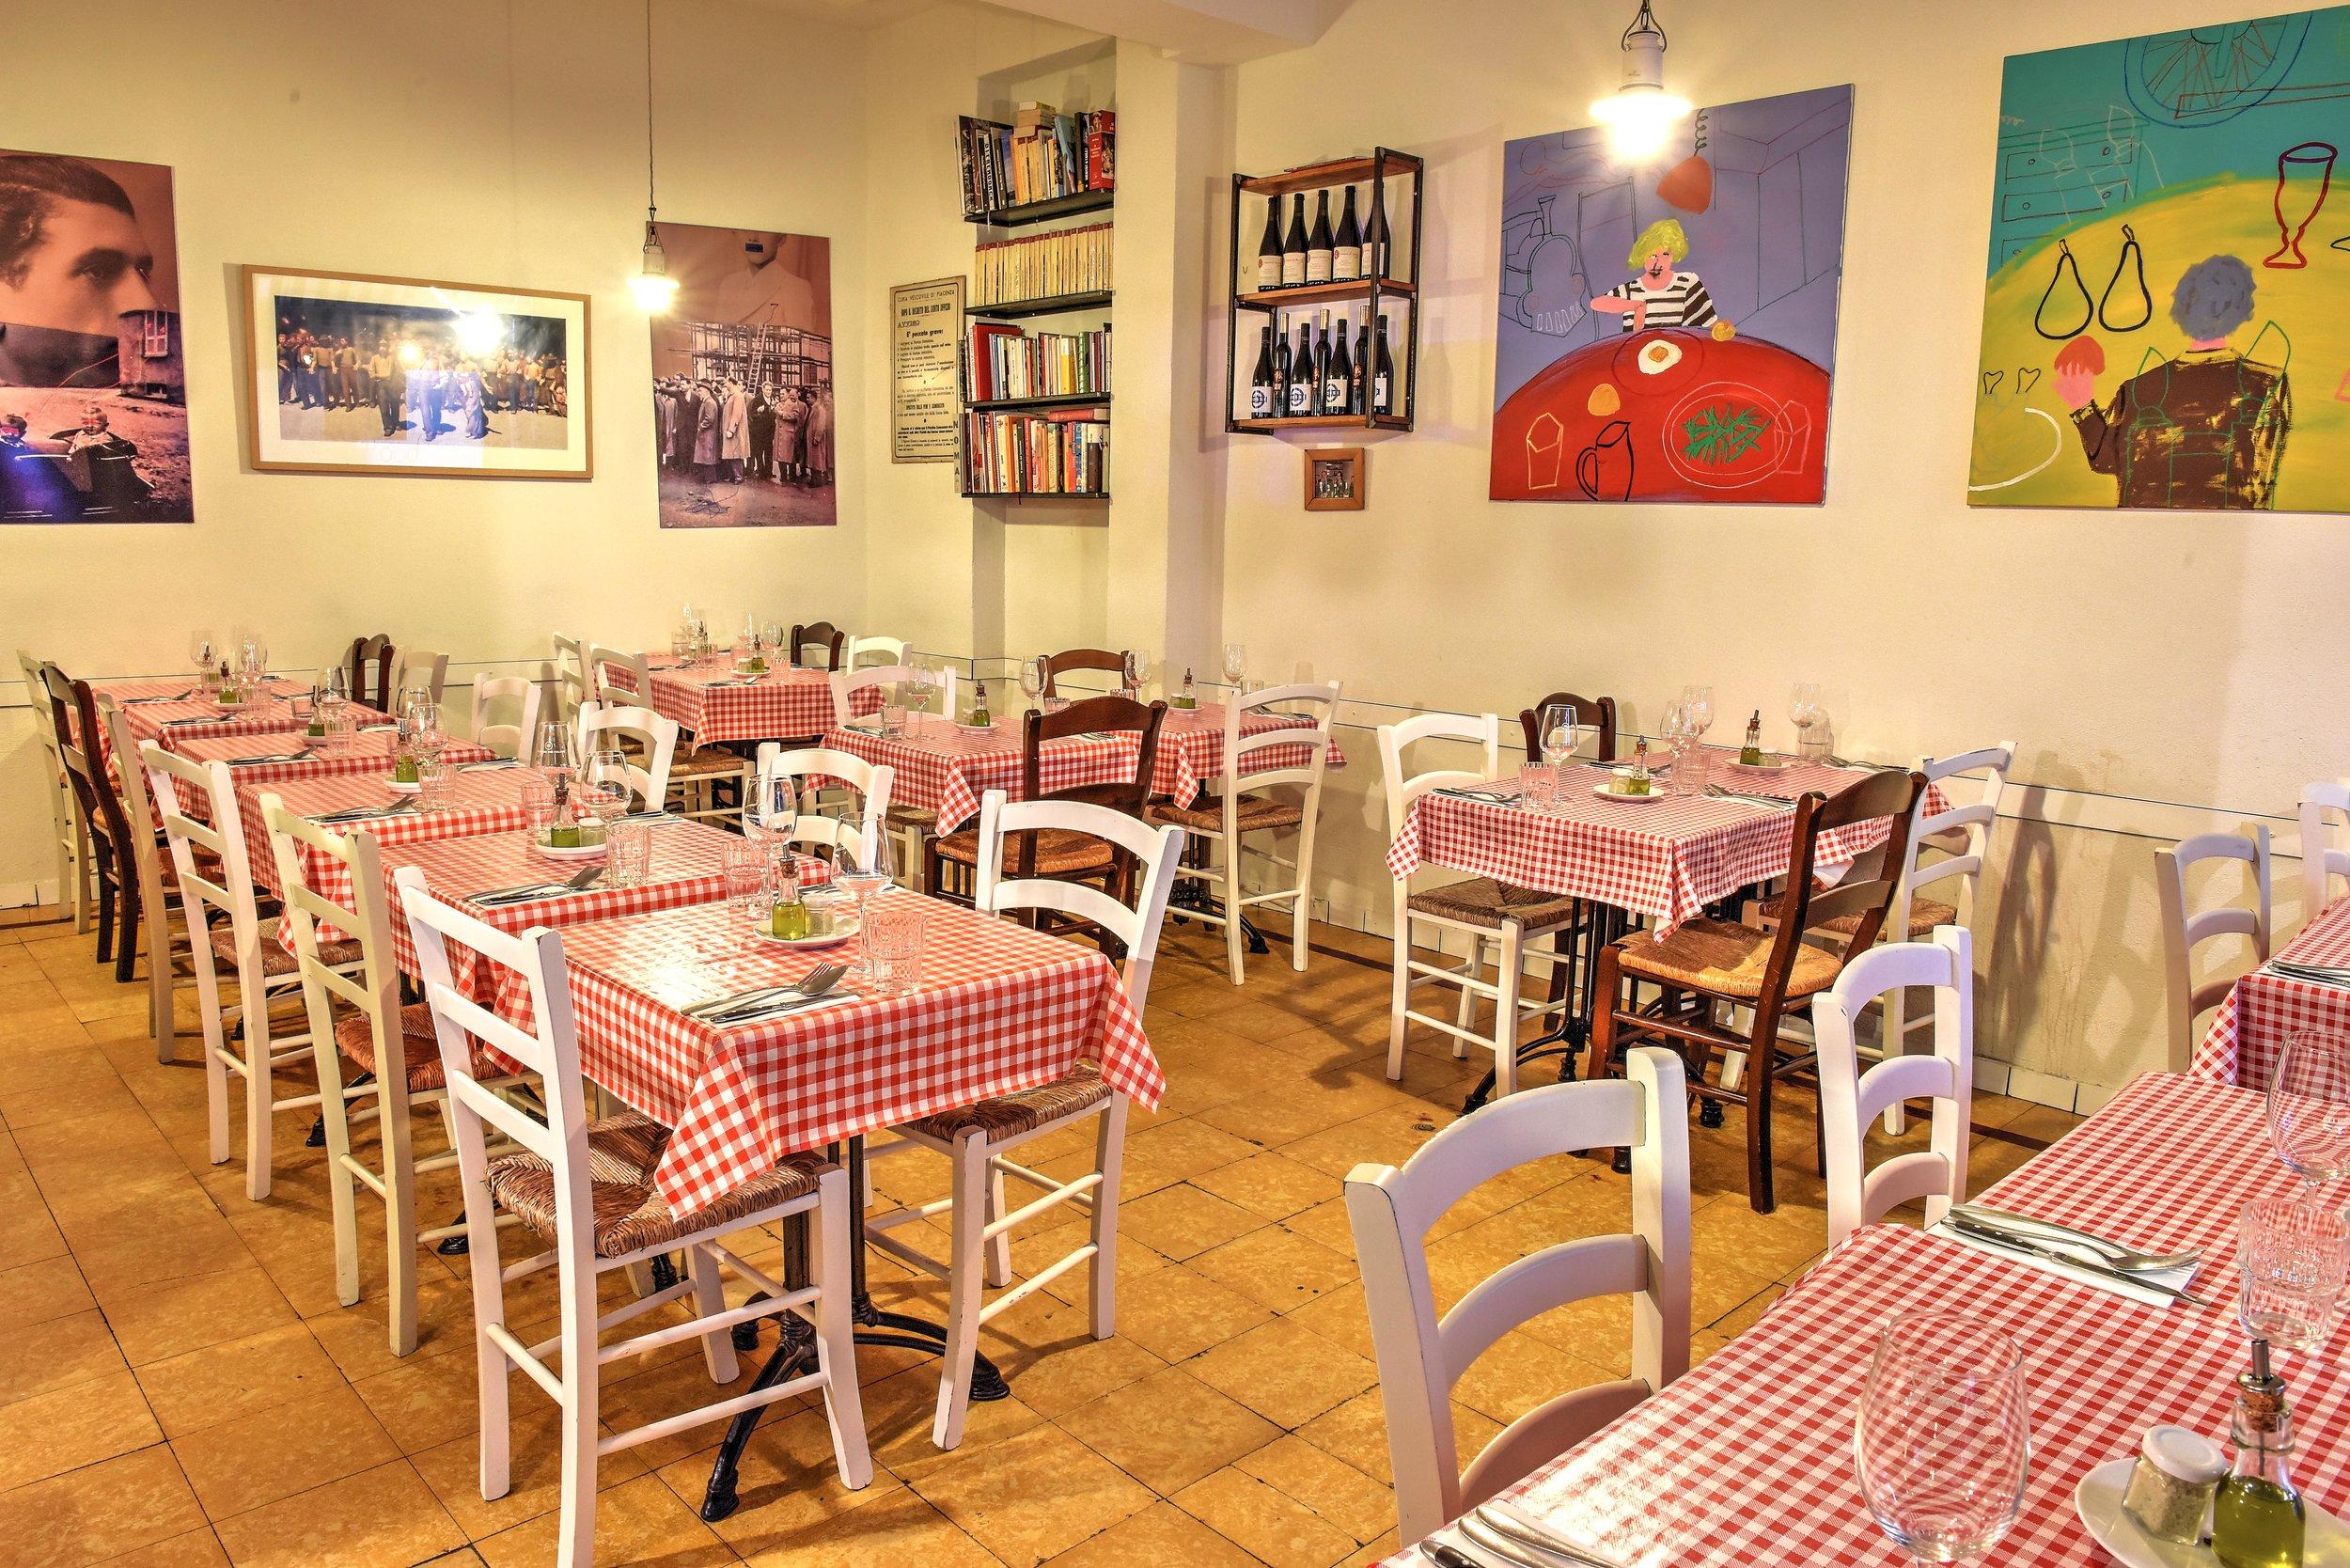 3 rossi leuven fotograaf foodfotograaf italiaans restaurant yablefever bart albrecht.jpg.jpg